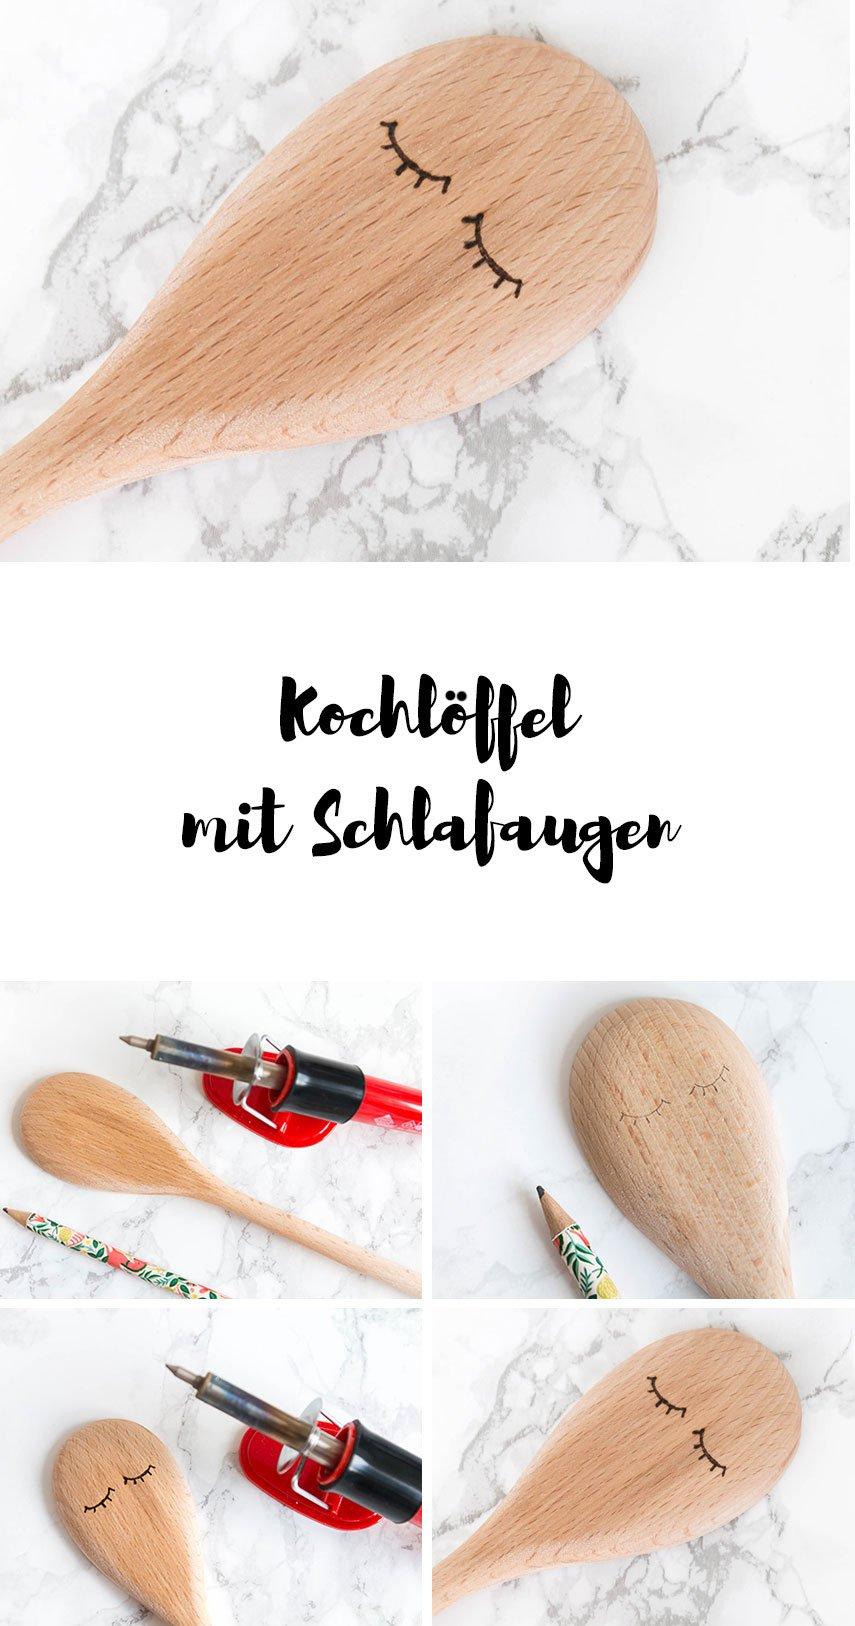 DIY Geschenk: Kochlöffel mit Schlafaugen in Brandmalerei